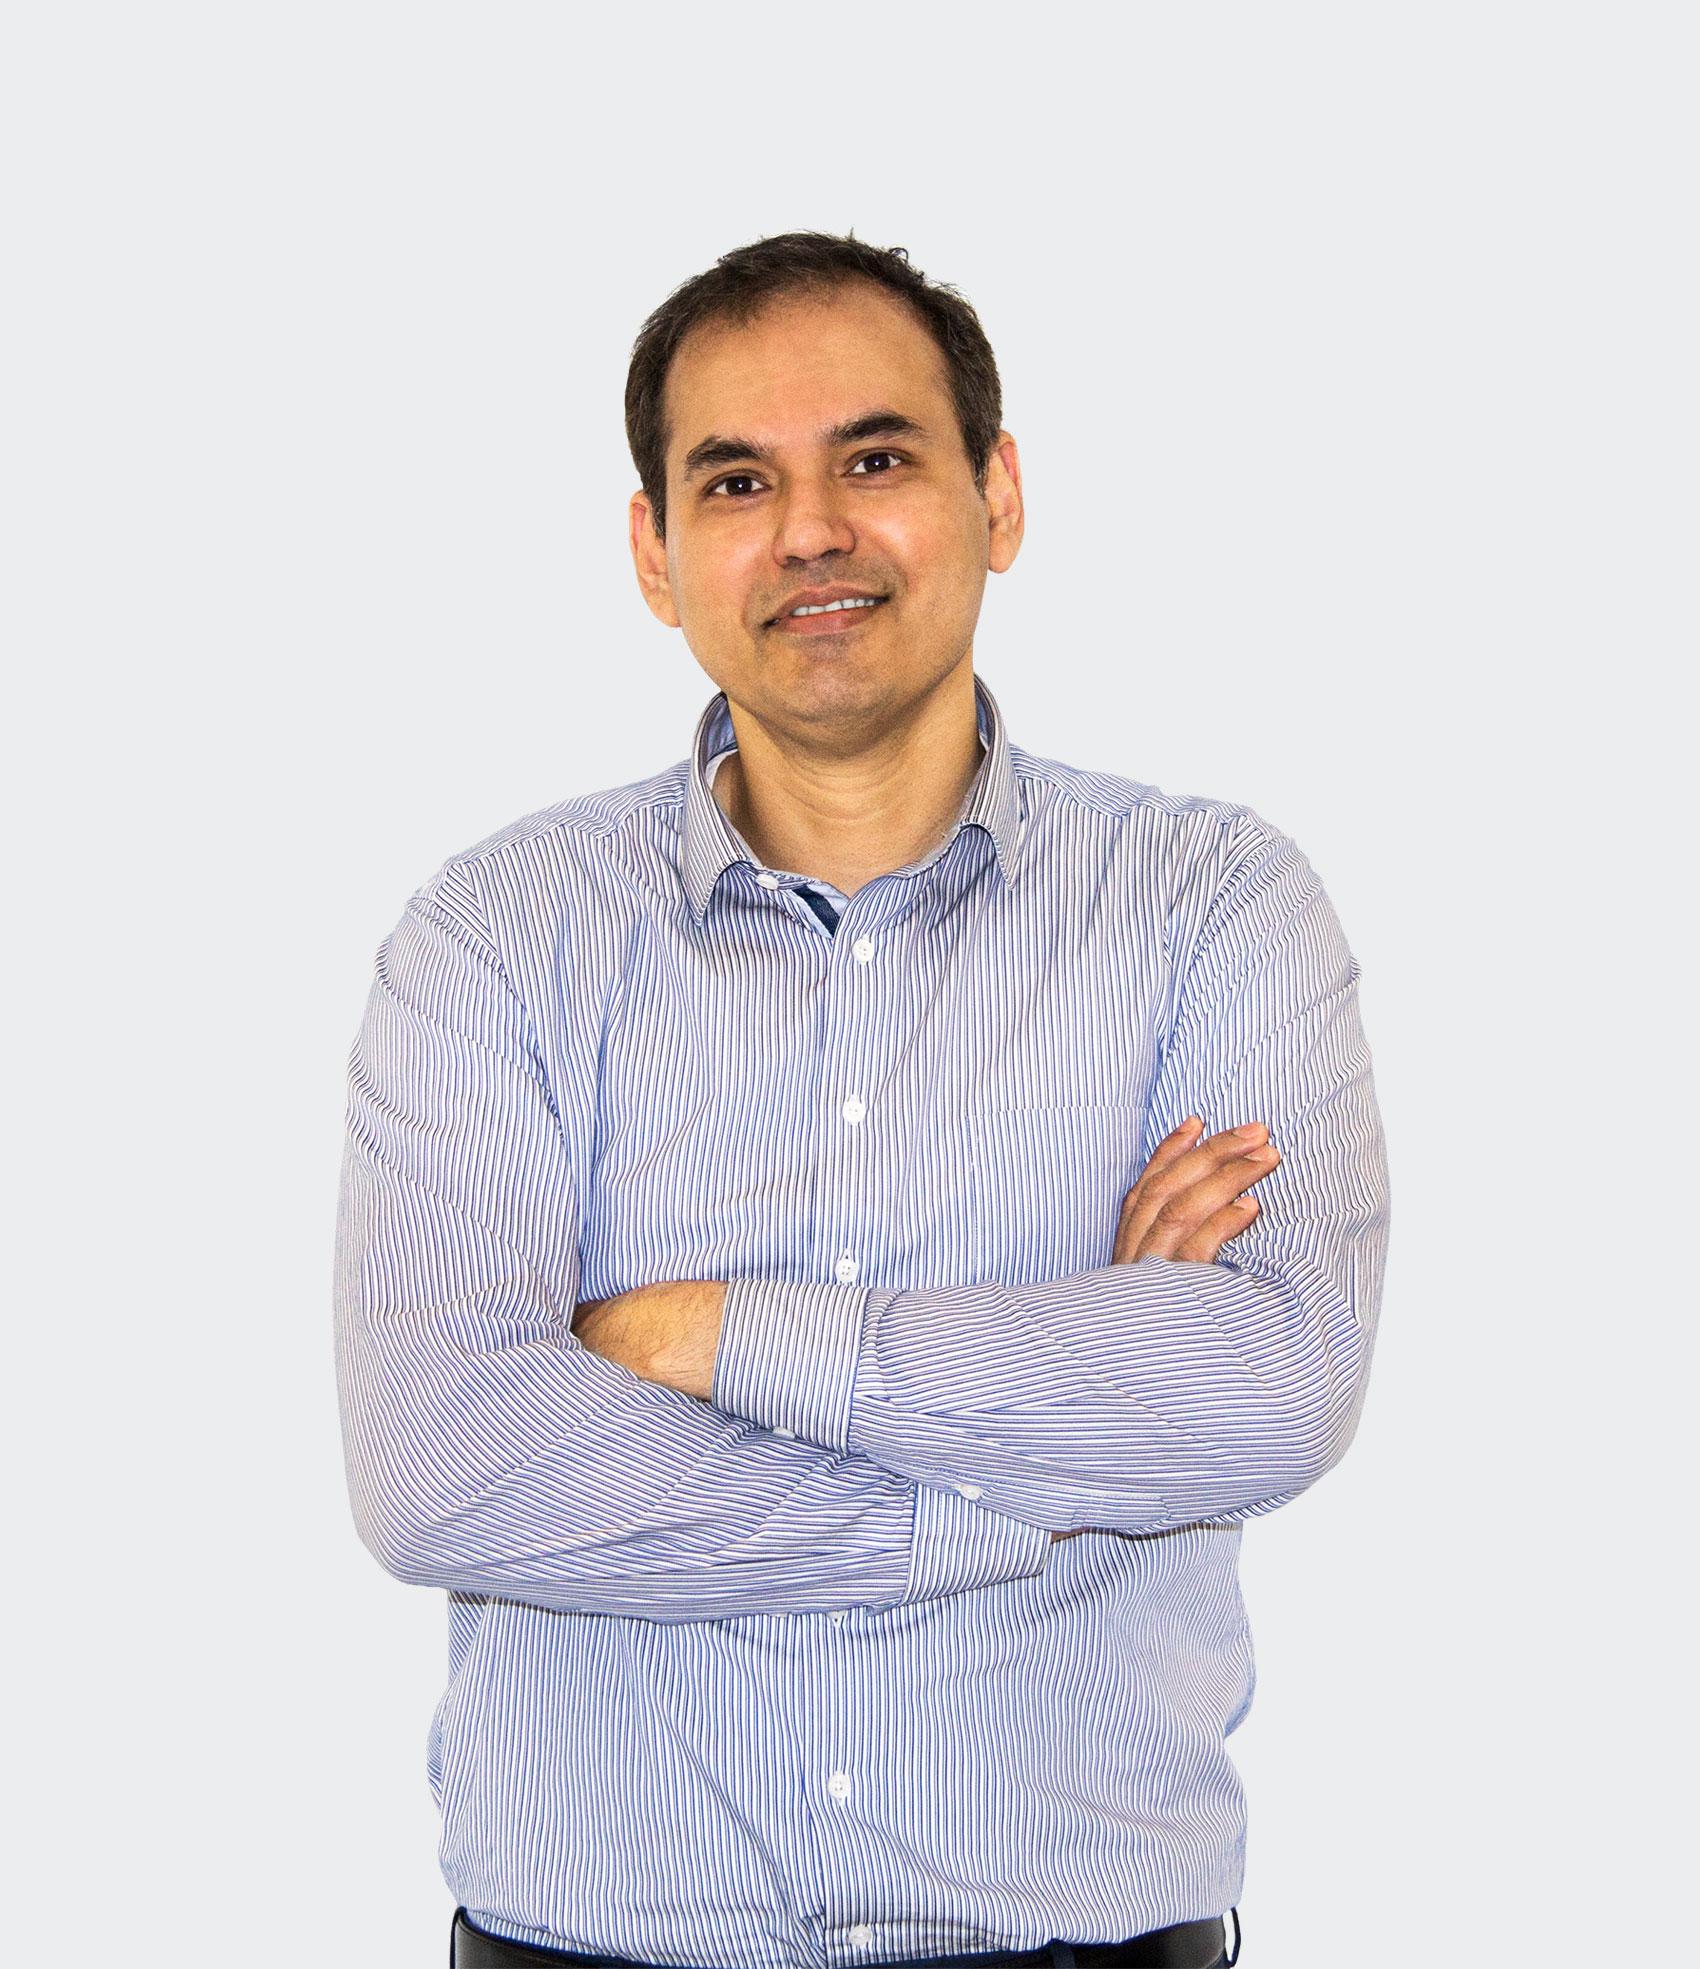 Wilbur De Souza